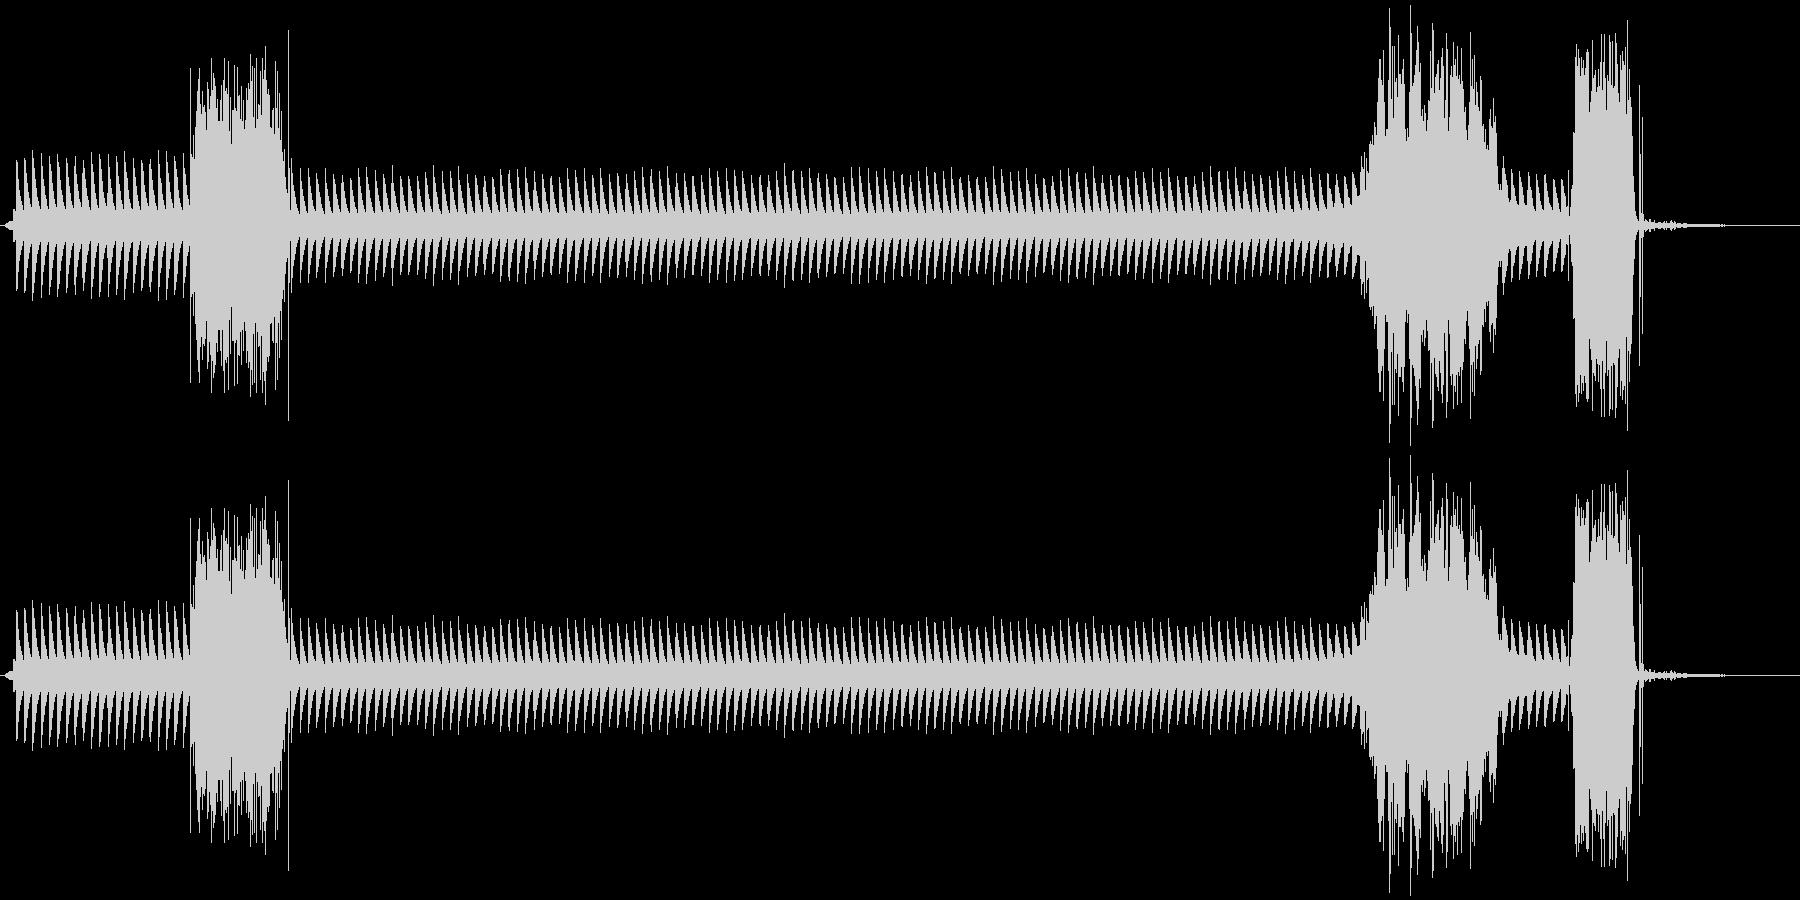 カンカンカンカン(踏切警報機)の未再生の波形